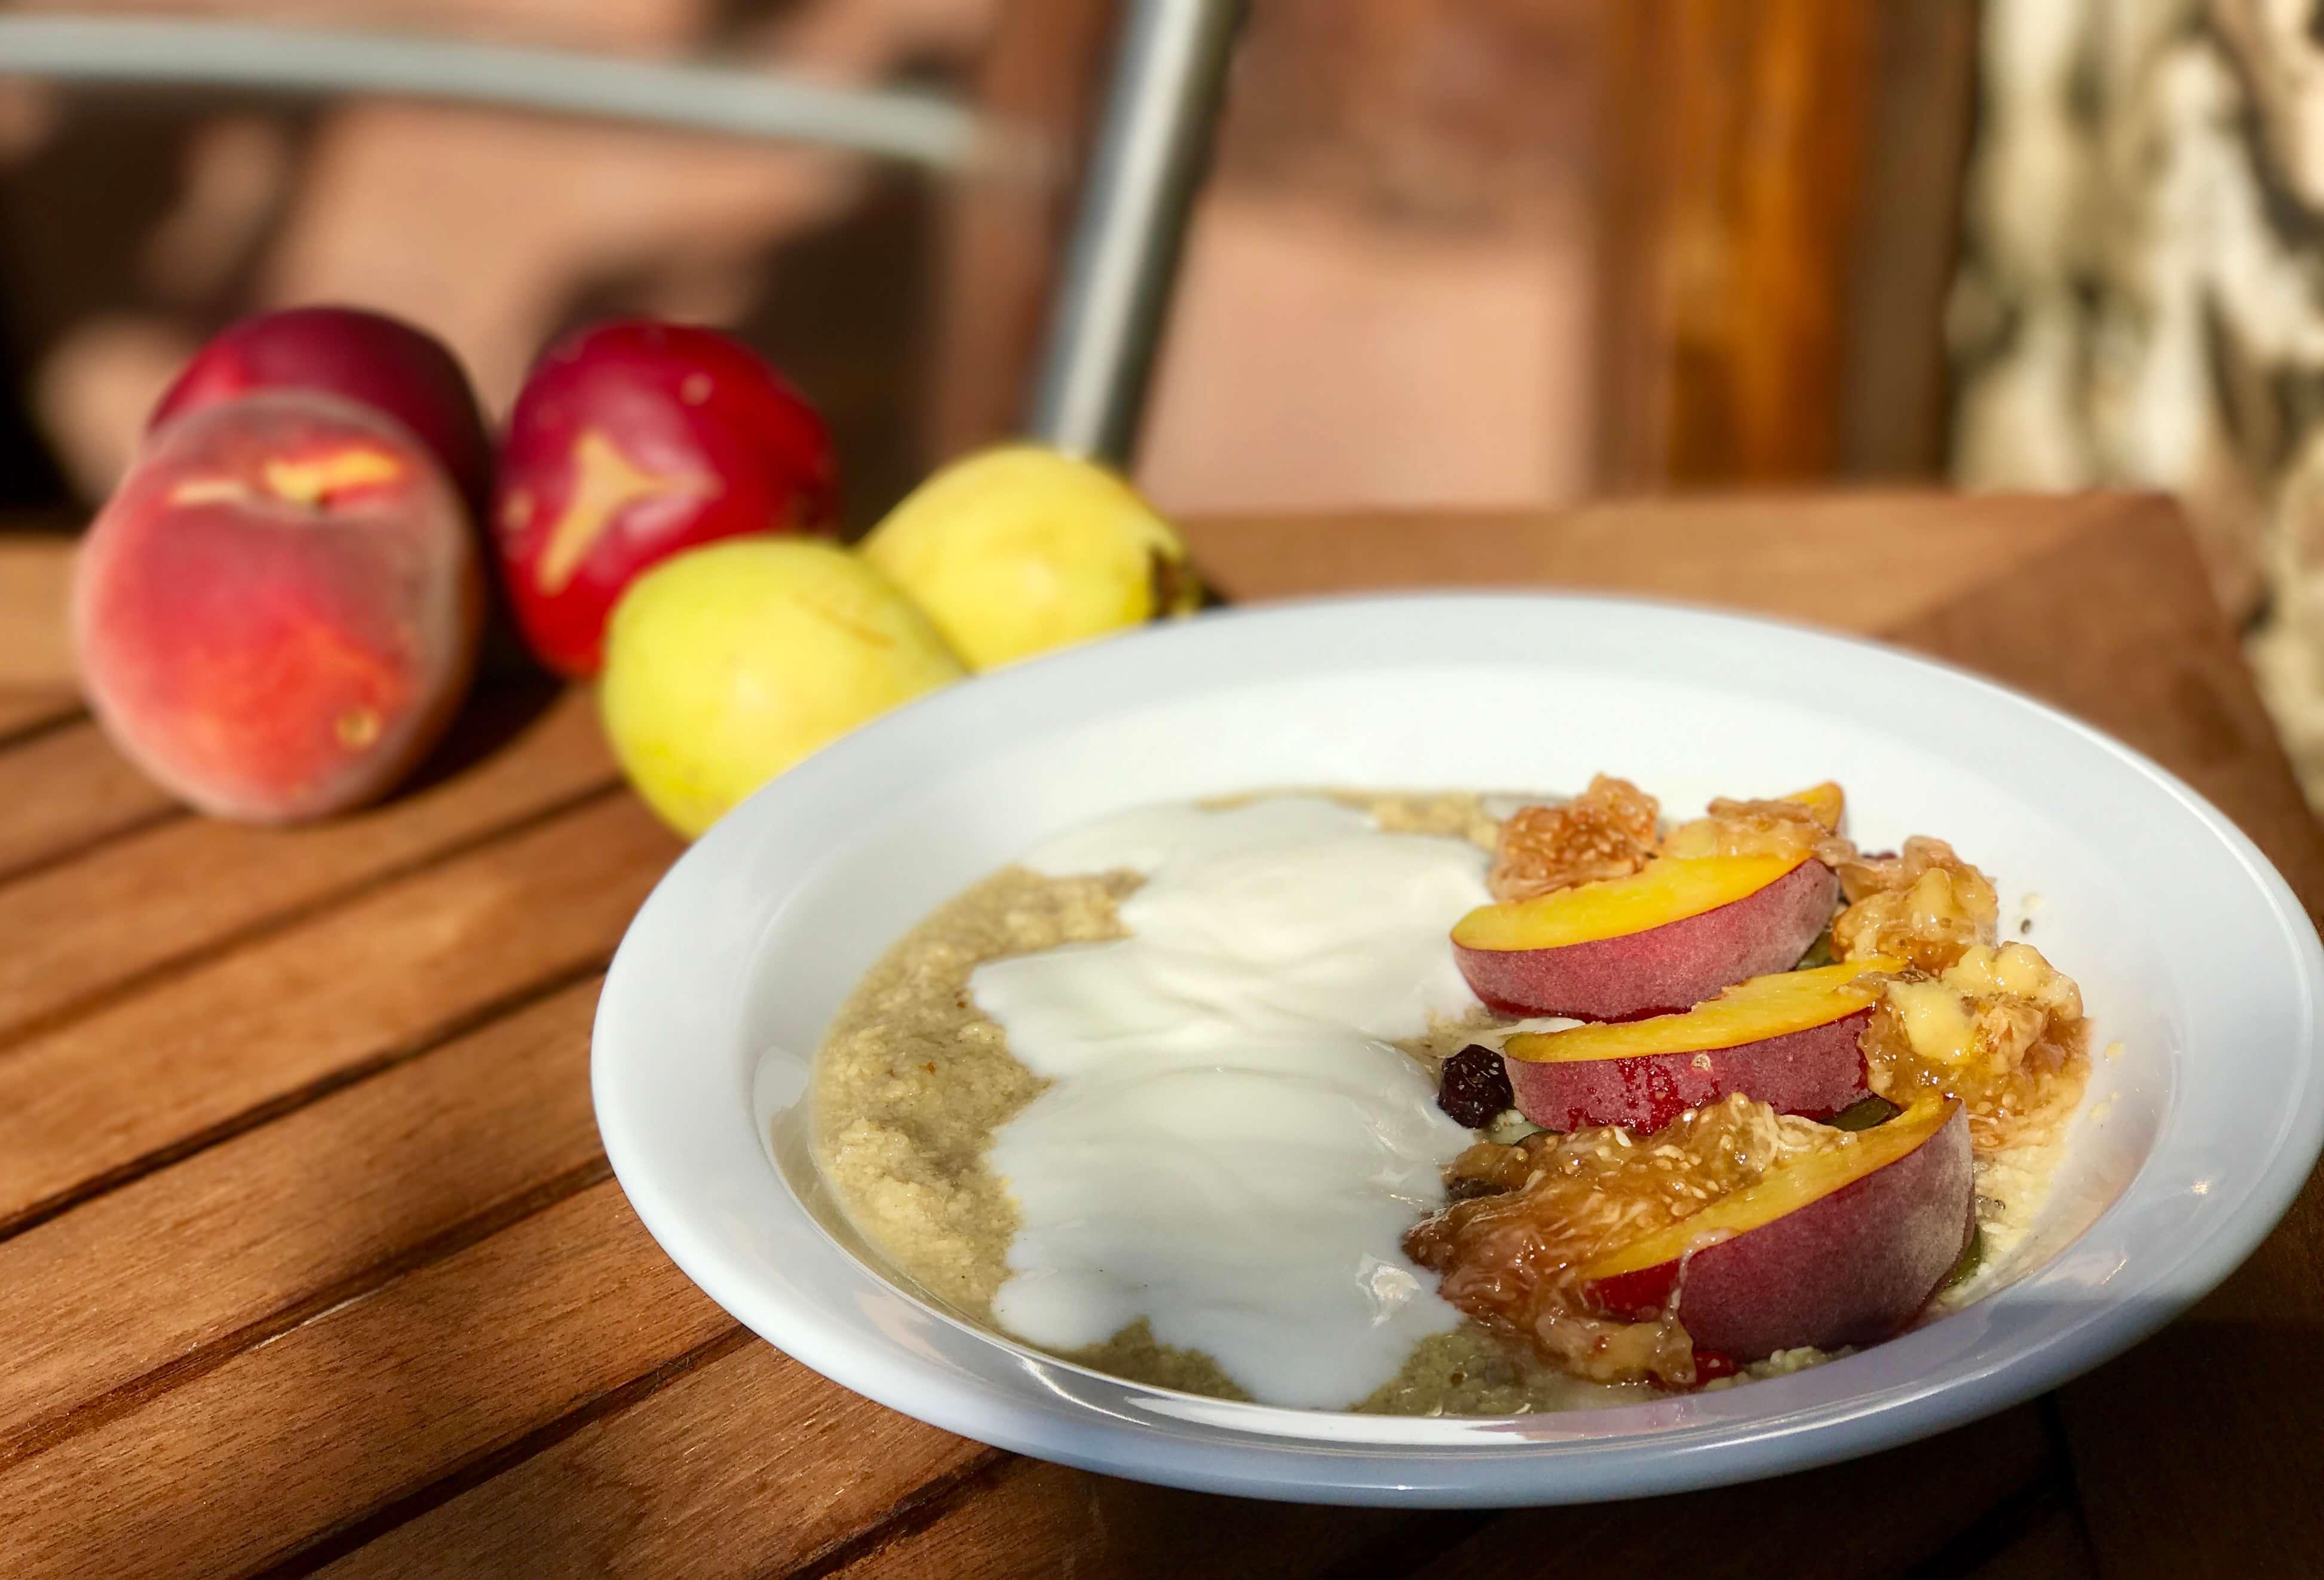 Breakfast - Nutritious Amaranth Porridge